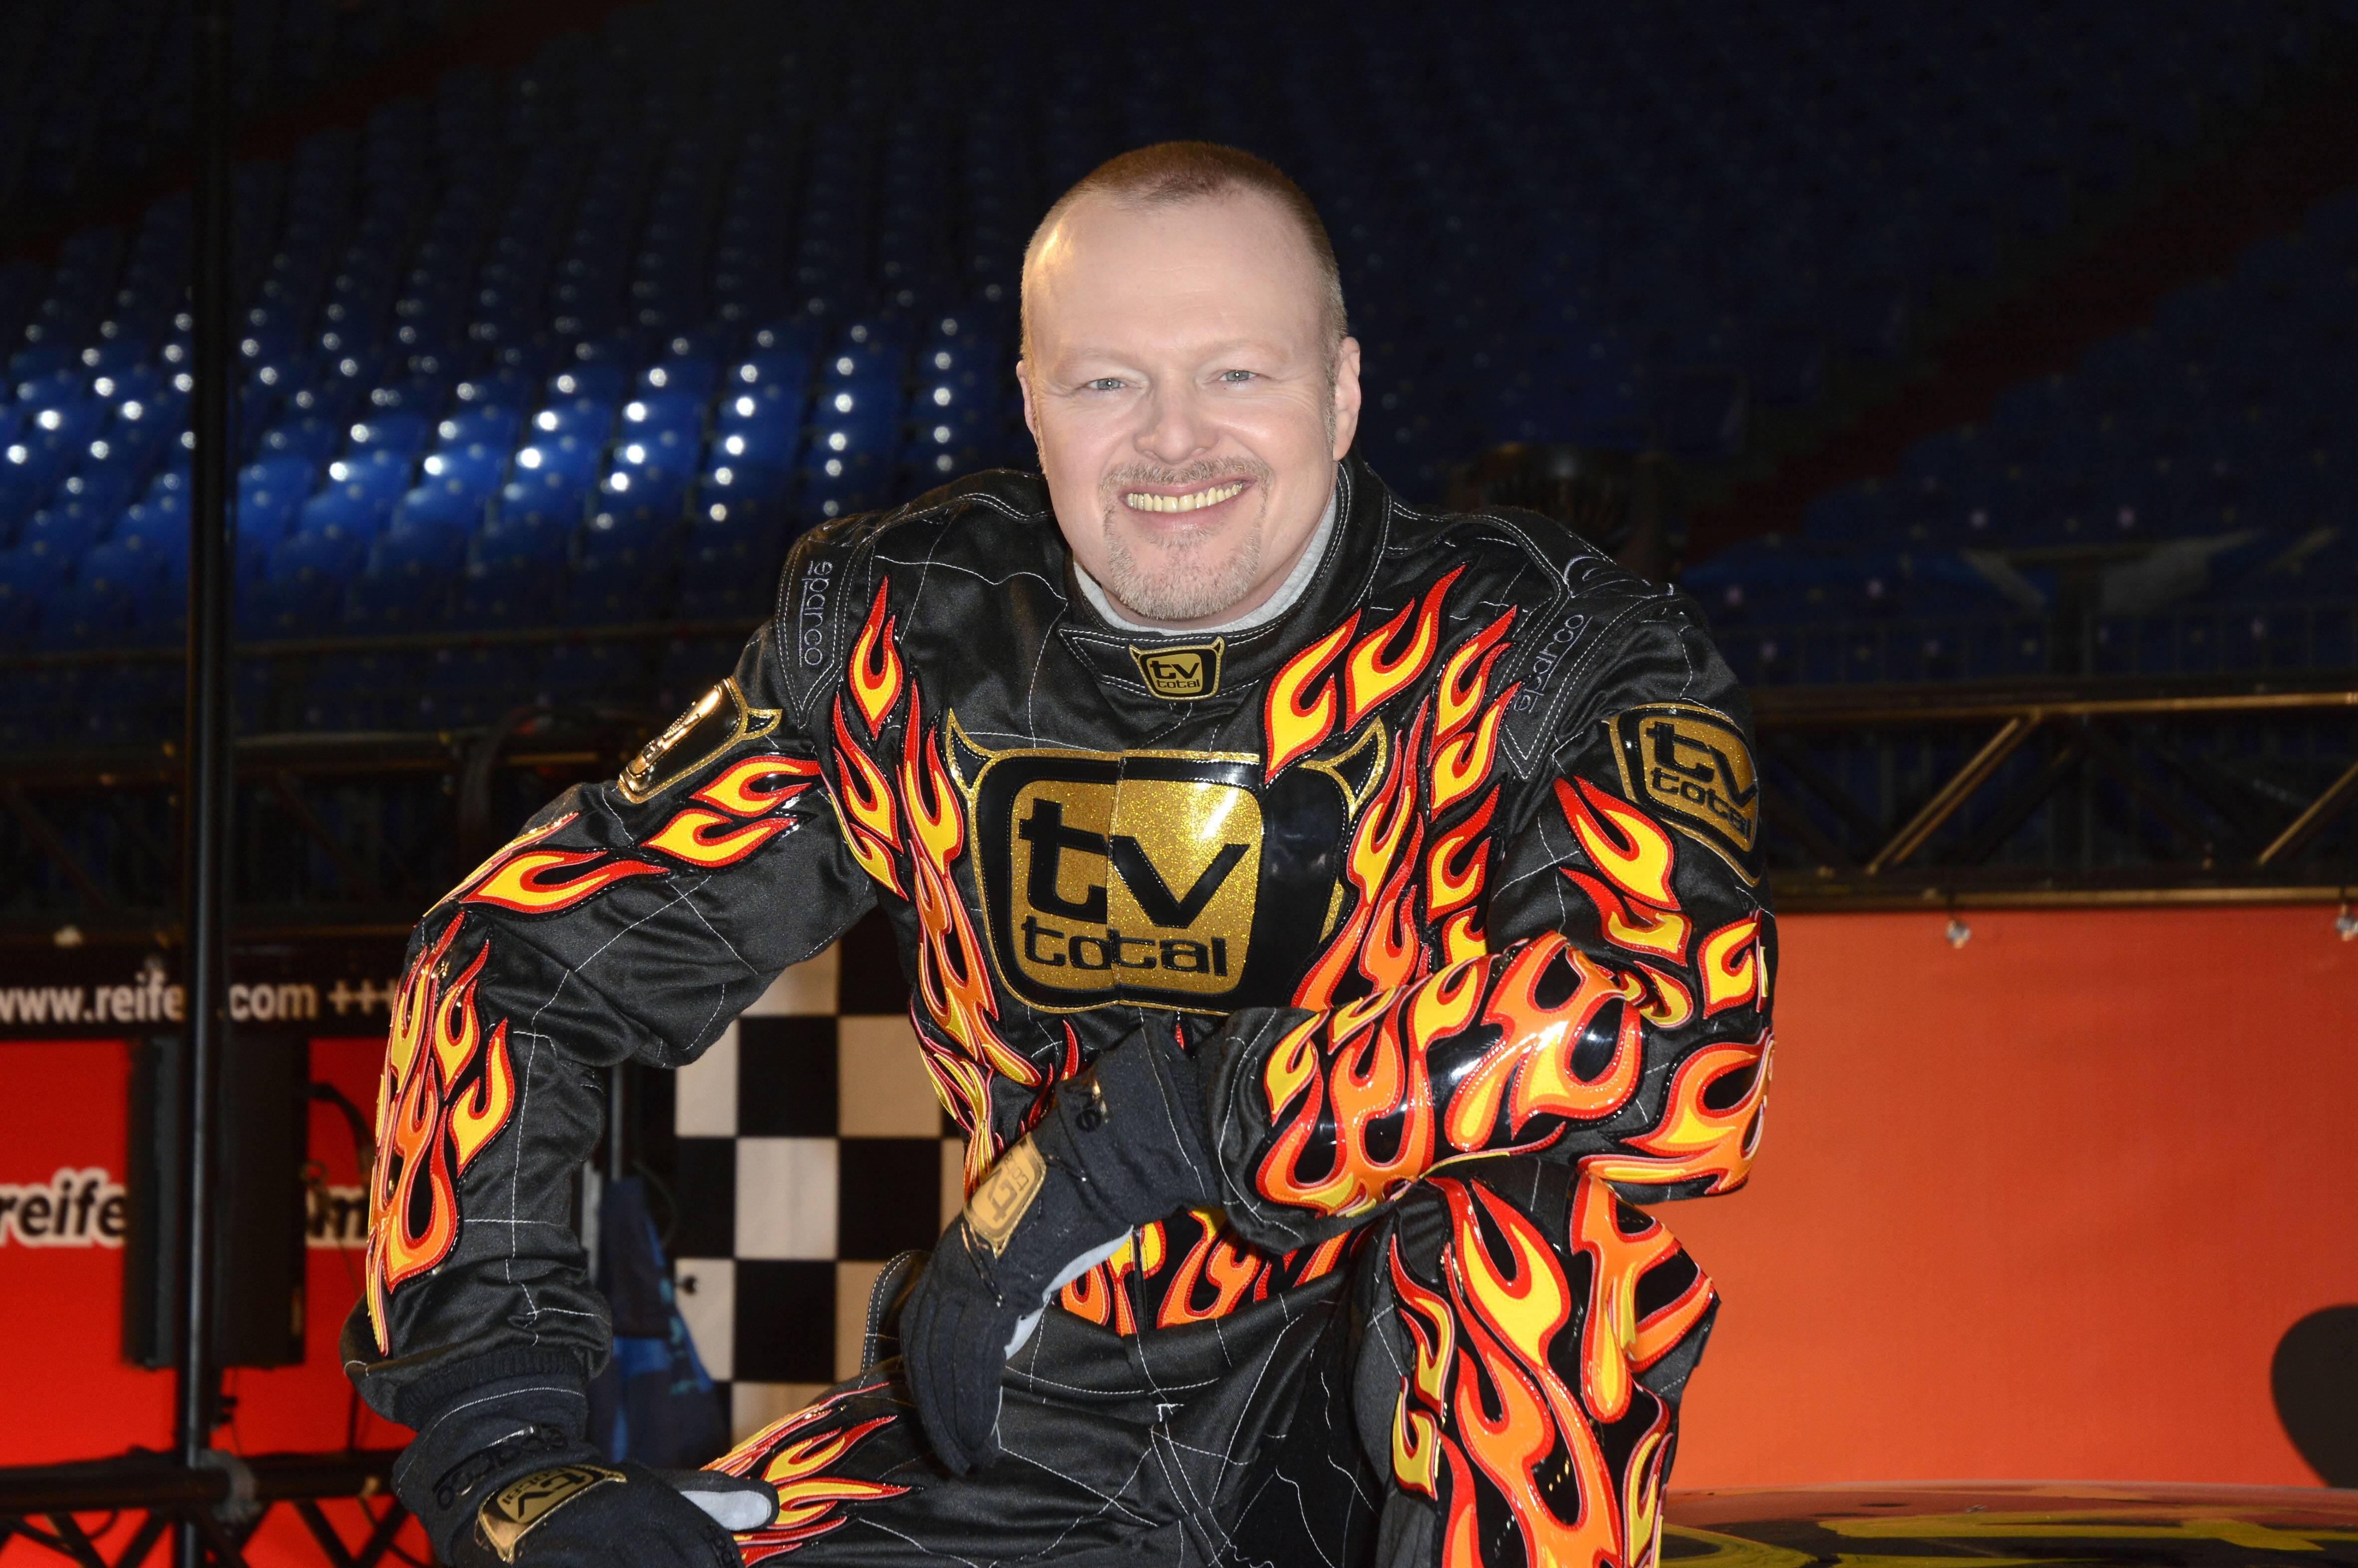 Stefan Raab Beendet Tv Karriere